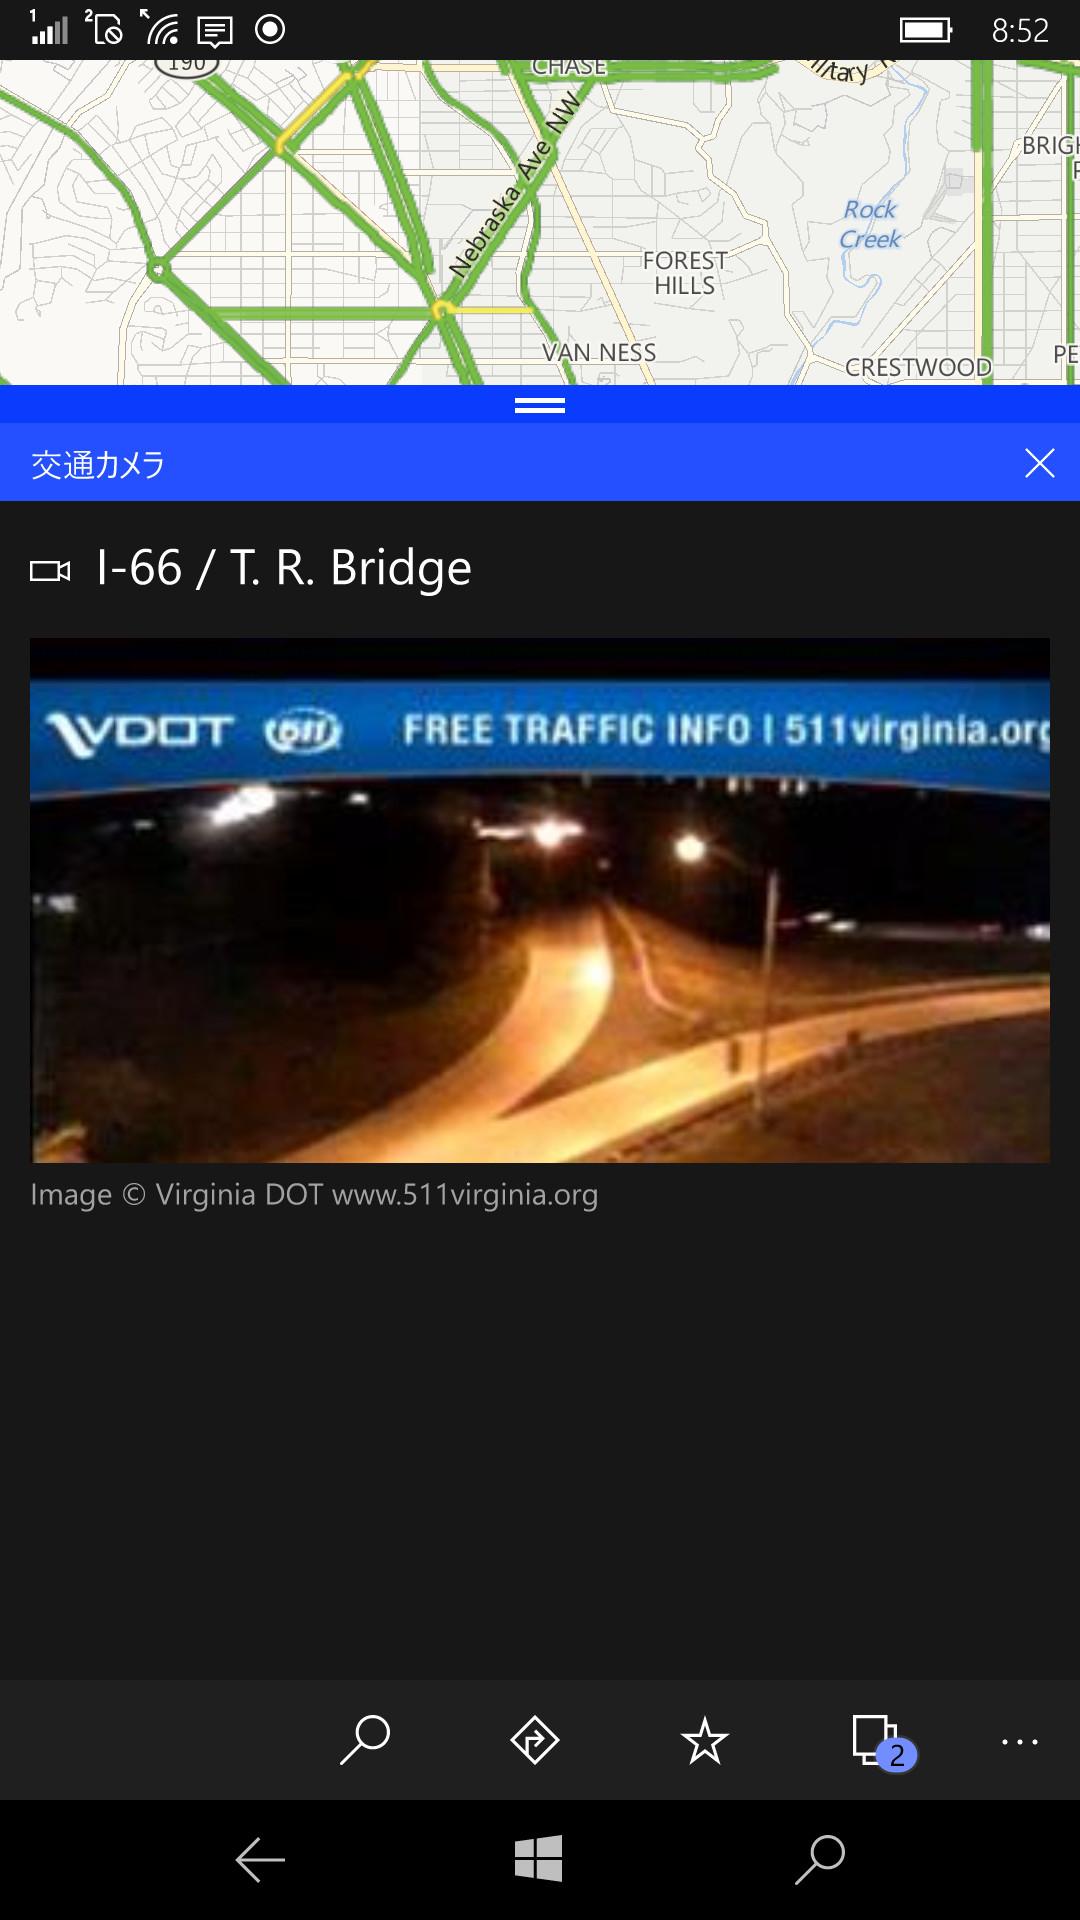 カメラアイコンは米国でも多いとは言えないものの、バージニア州は川向こうの橋周辺に点在していた。図はポートマック川近くのカメラ